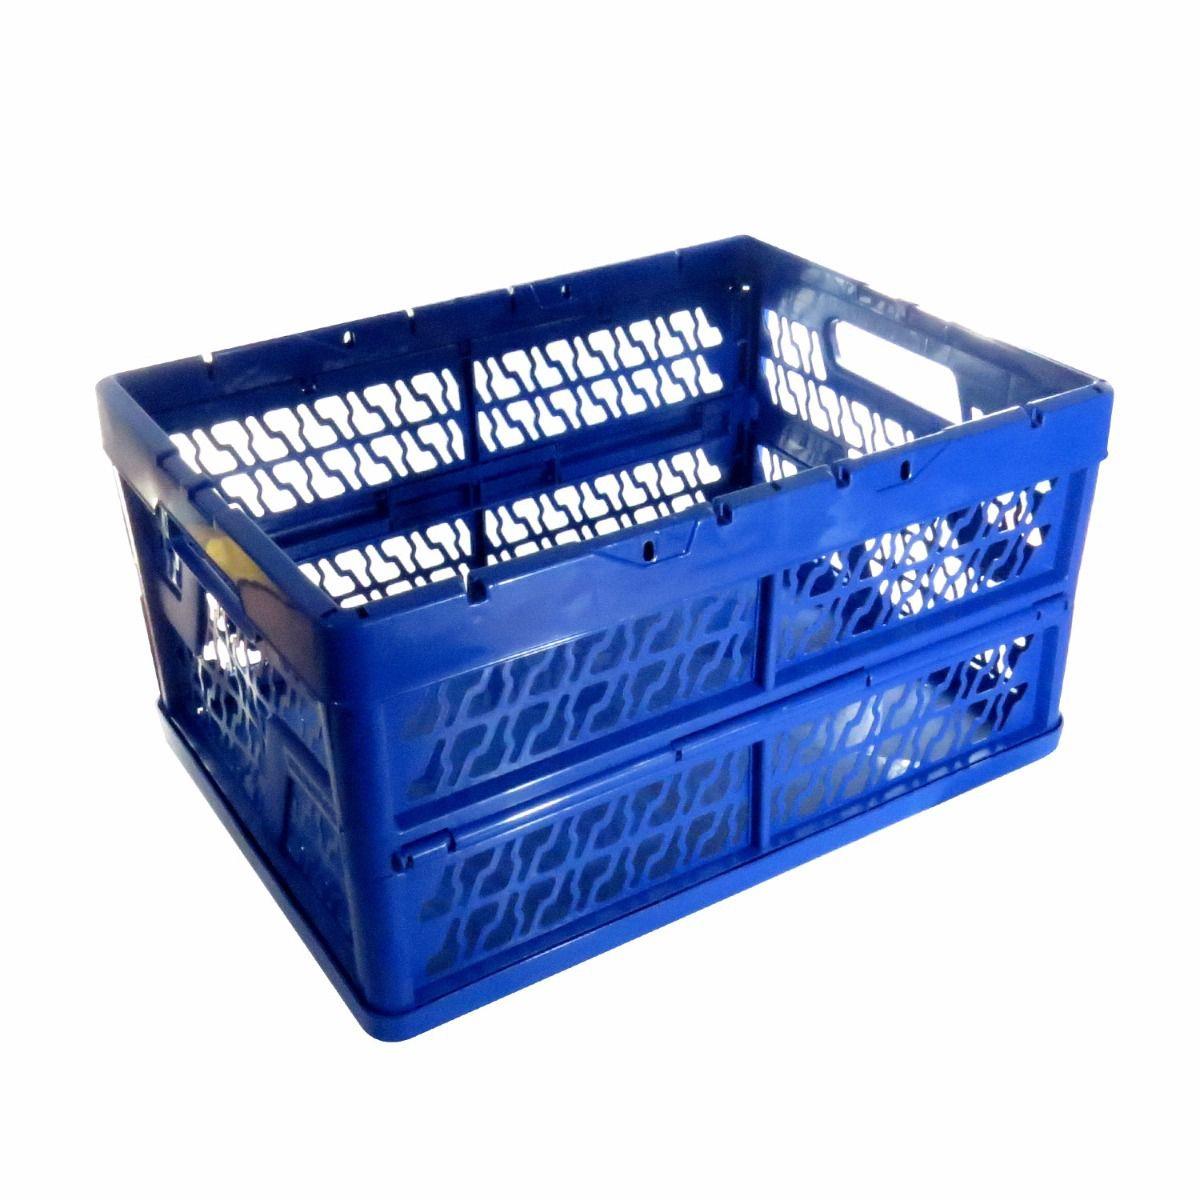 Caixa Plástica Dobrável 25kg Organizadora Eco Brasfort 7838